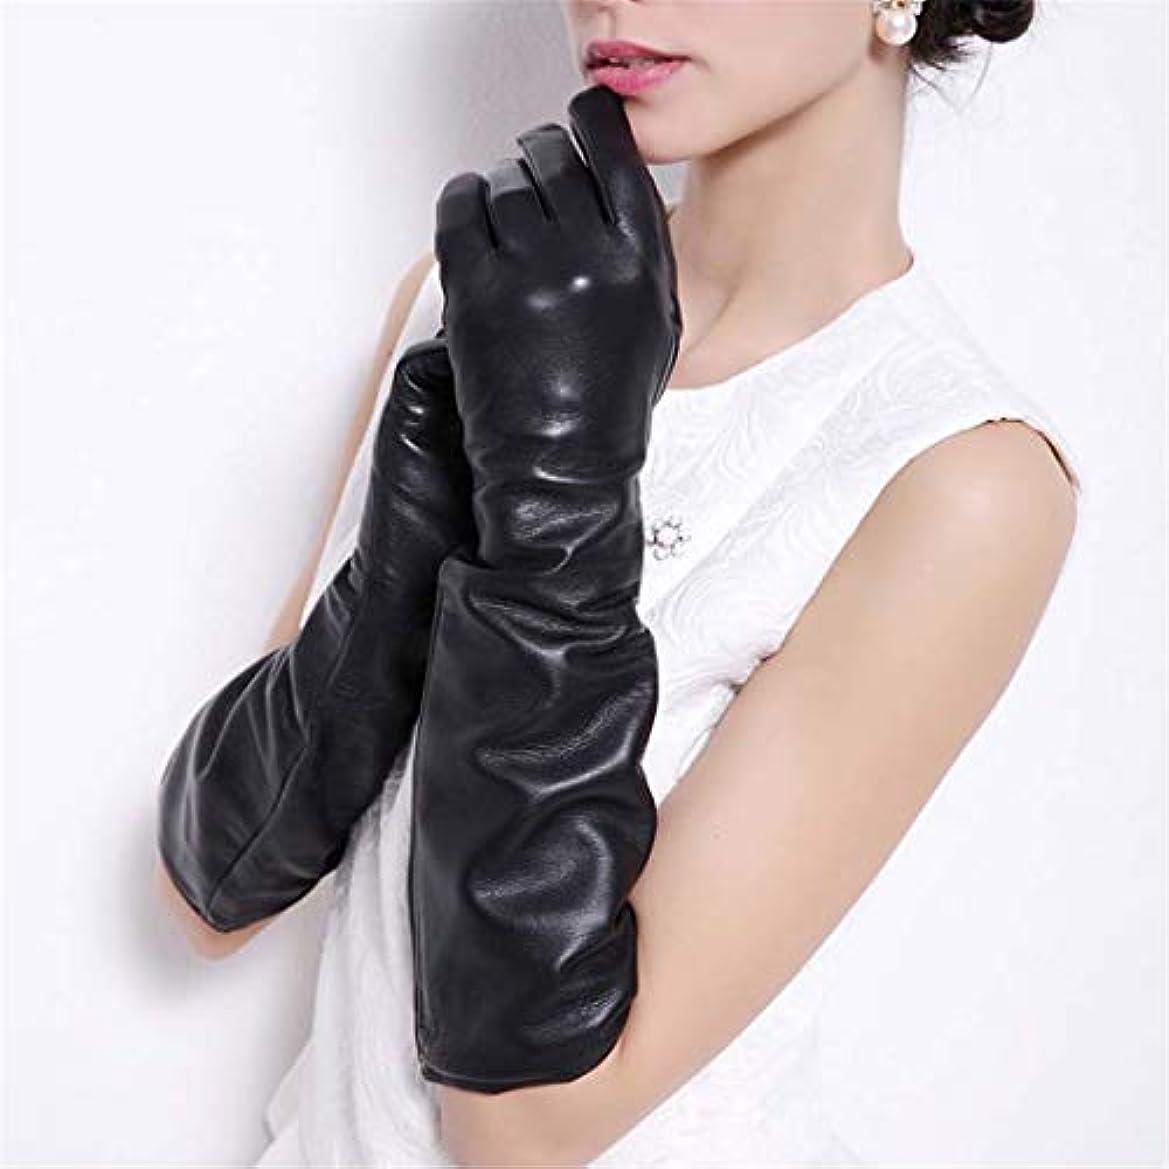 詩人ゲーム否定するレディースファッションロング秋と冬の手袋イブニング機関車寒い冬暖かい黒手袋S-XL